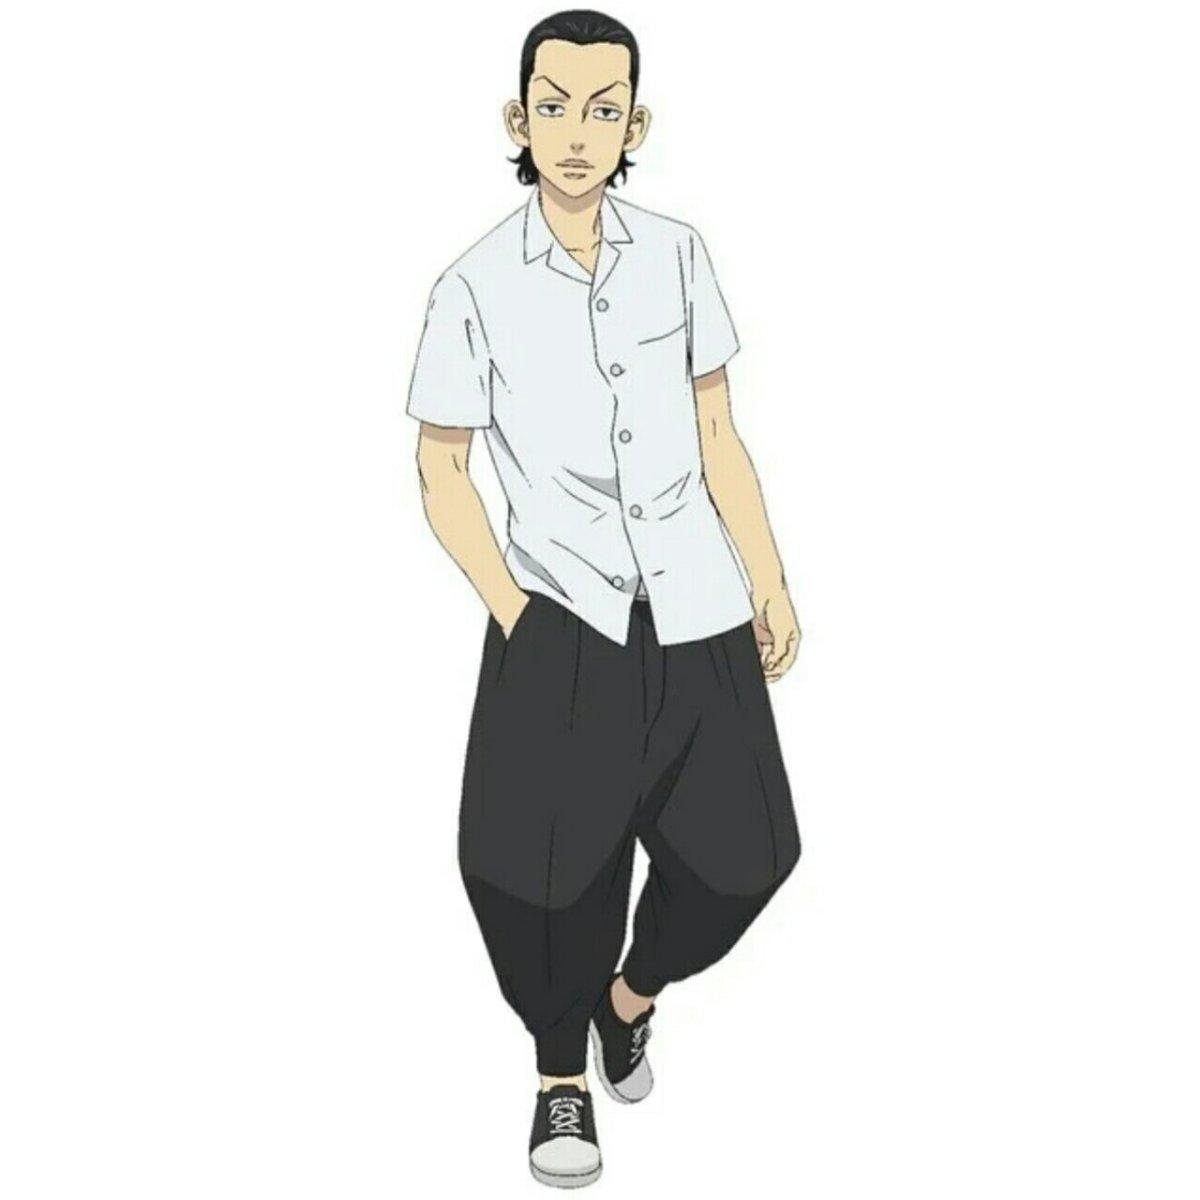 Anime Tokyo Revengers Ungkap Seiyuu Lainnya, Penyanyi Lagu Penutup, dan Tanggal Debutnya 4